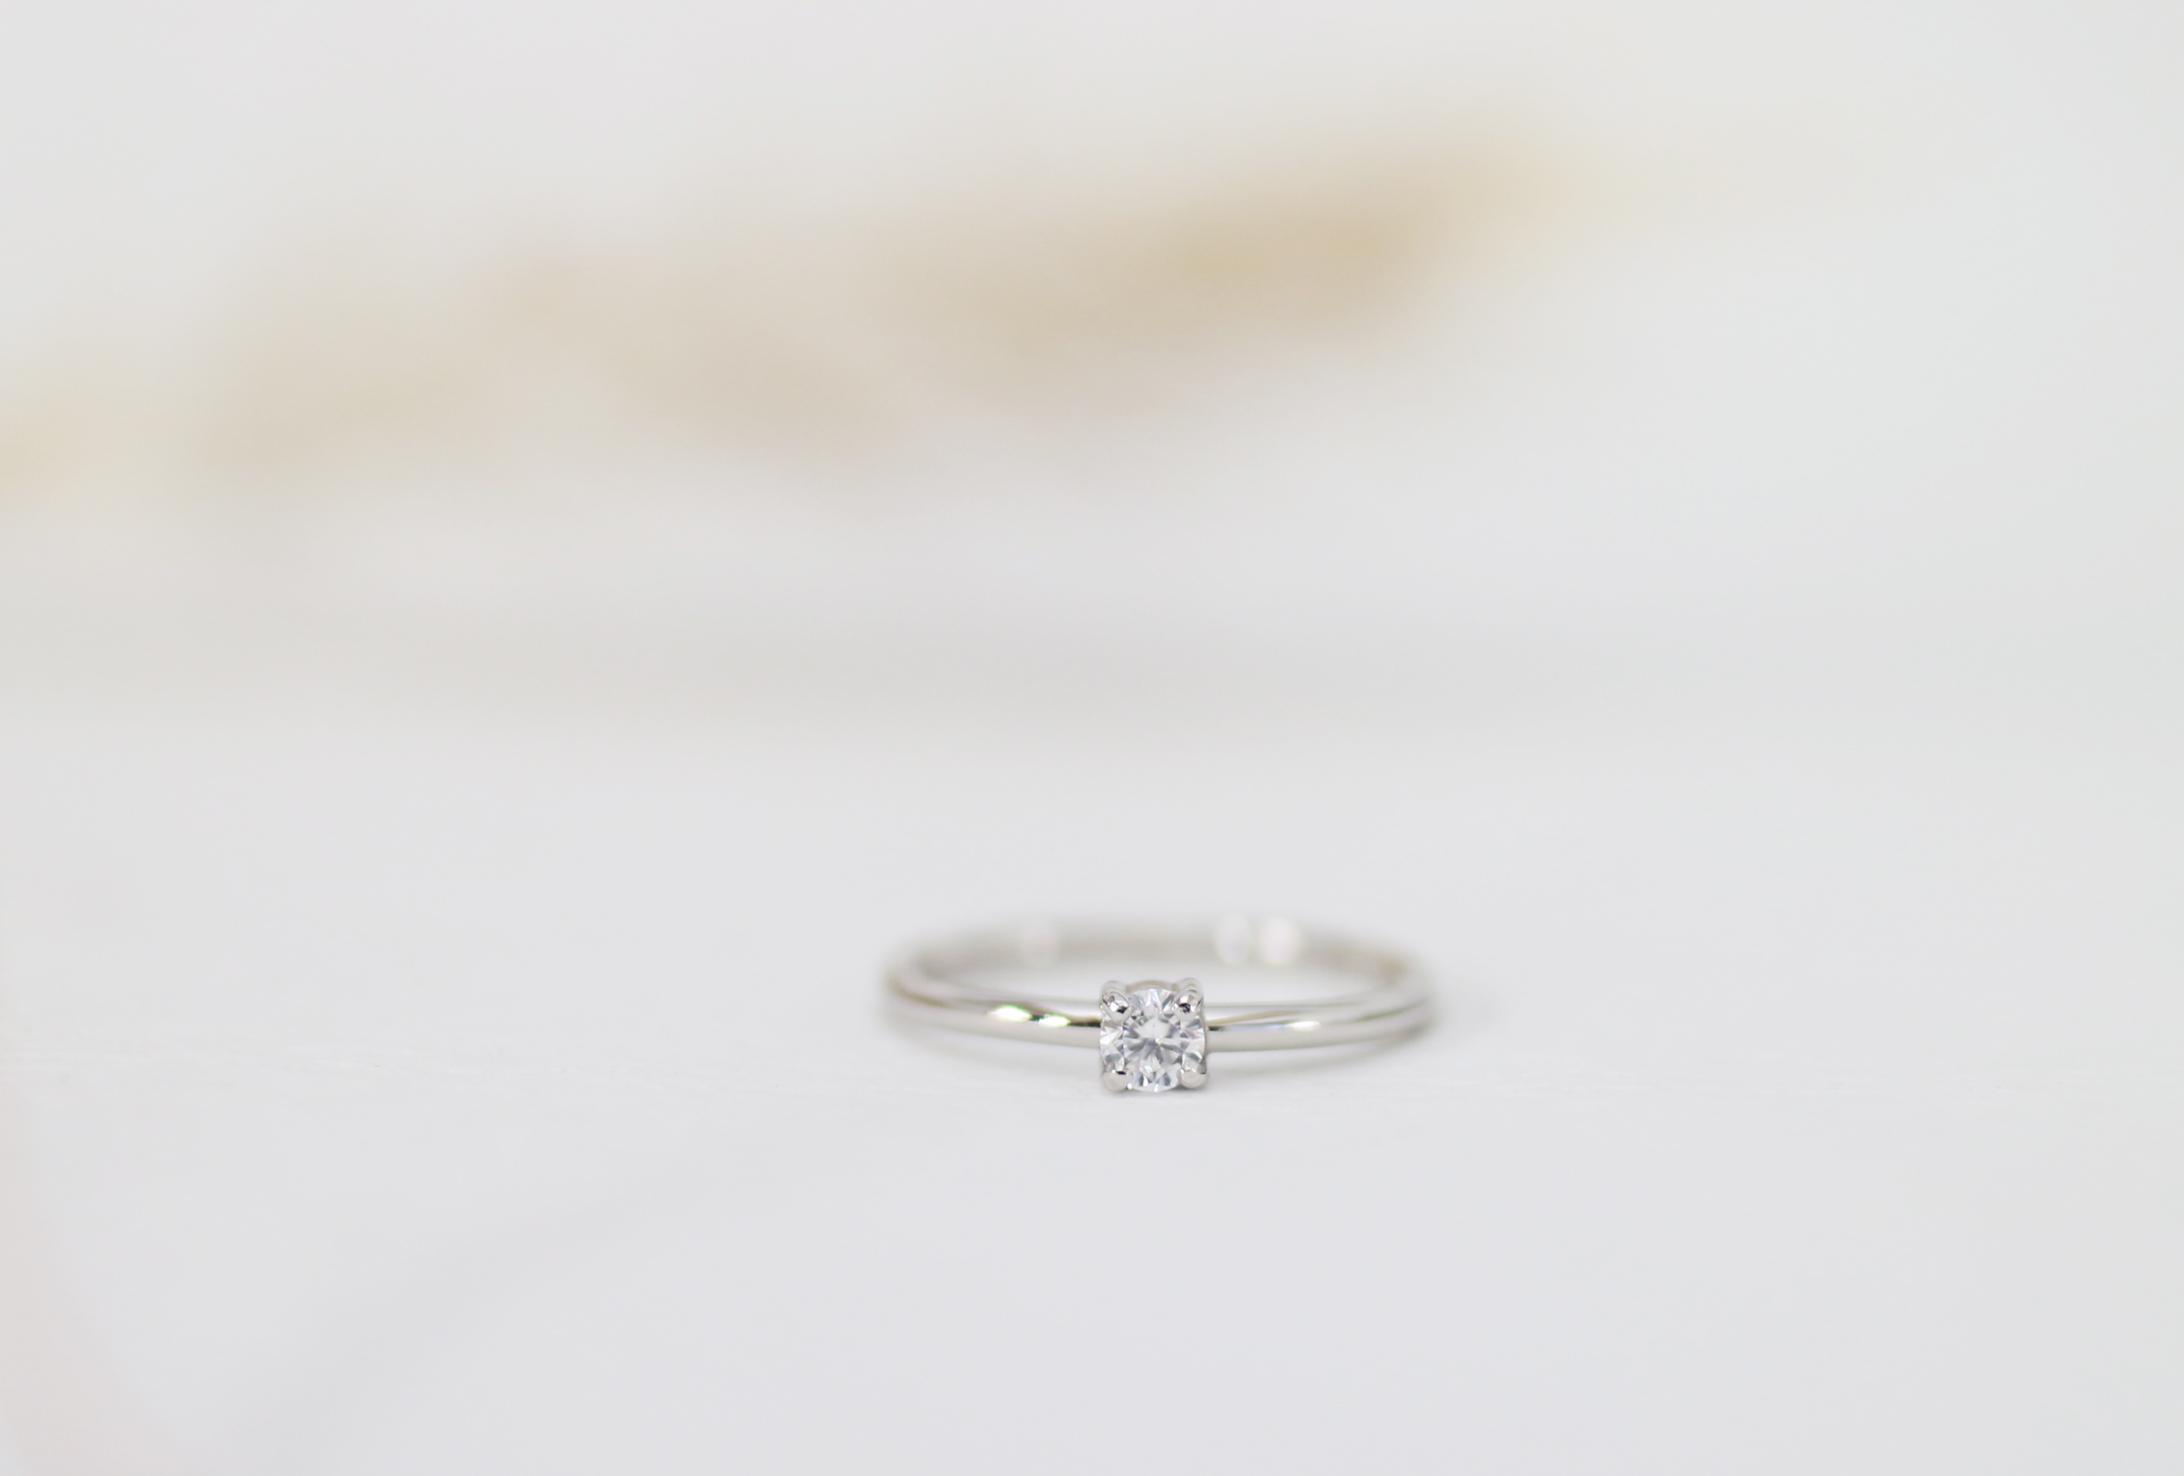 遺骨から作ったダイヤモンドが留まるメモリアルリング